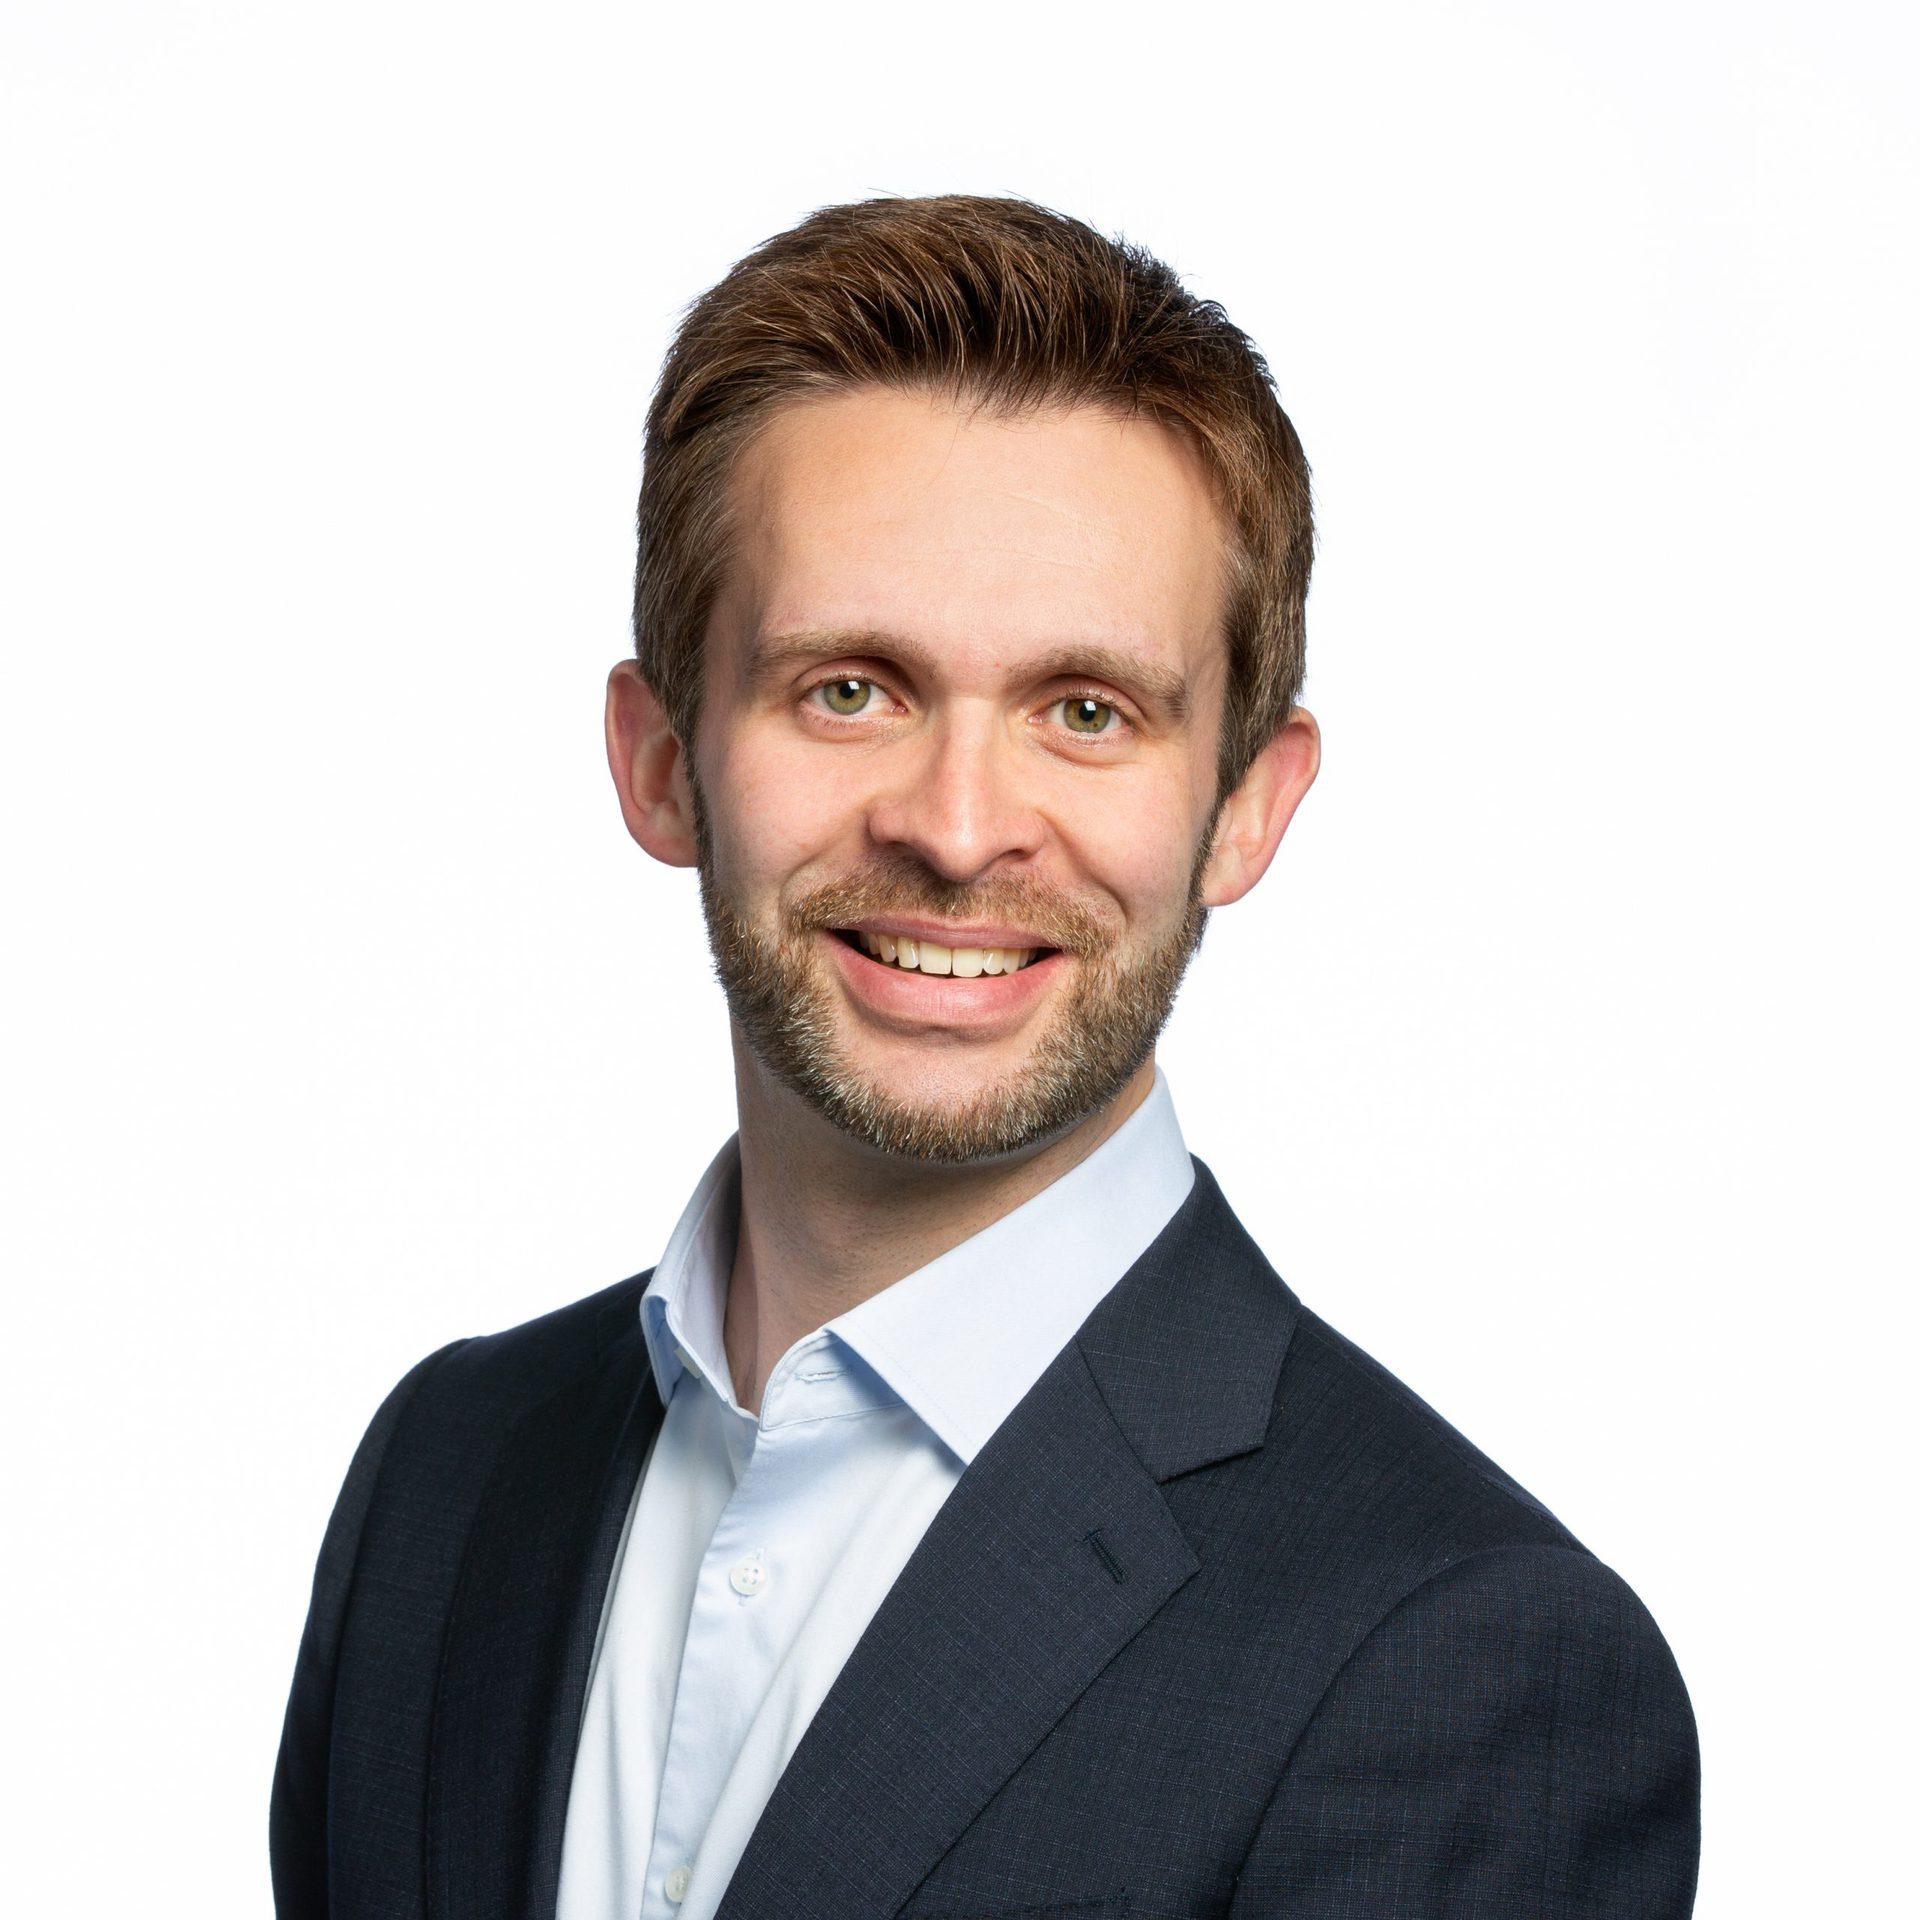 Peter Luschen